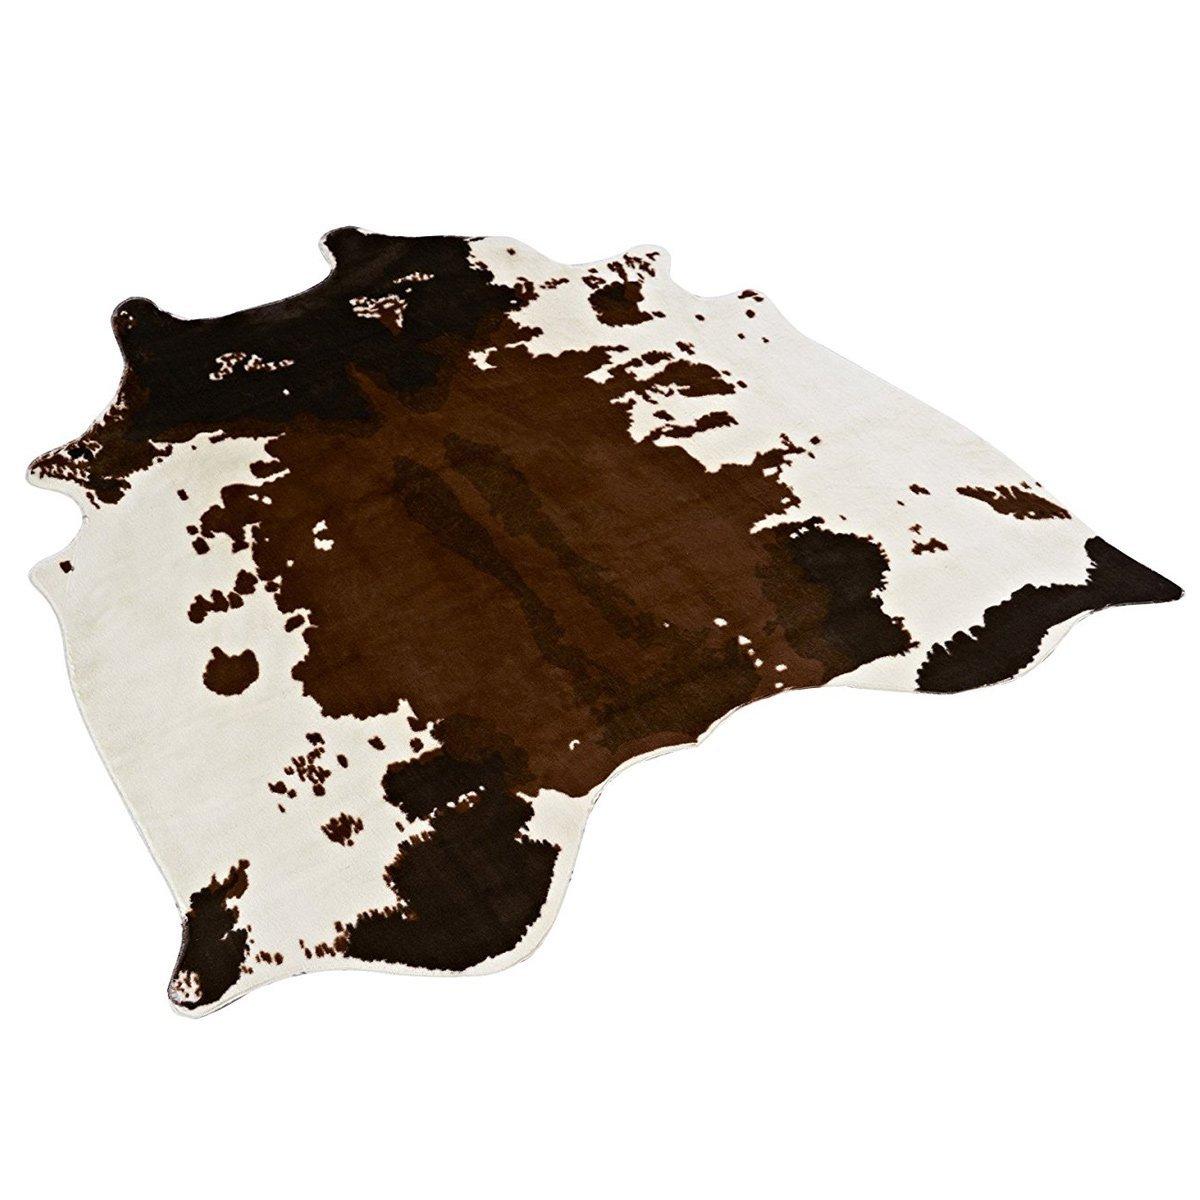 140x135 cm doux Faux peau de vache tapis 4.5x4.4 pieds vache impression tapis parfait jeter tapis pour salon/carrelage/salon/bureau